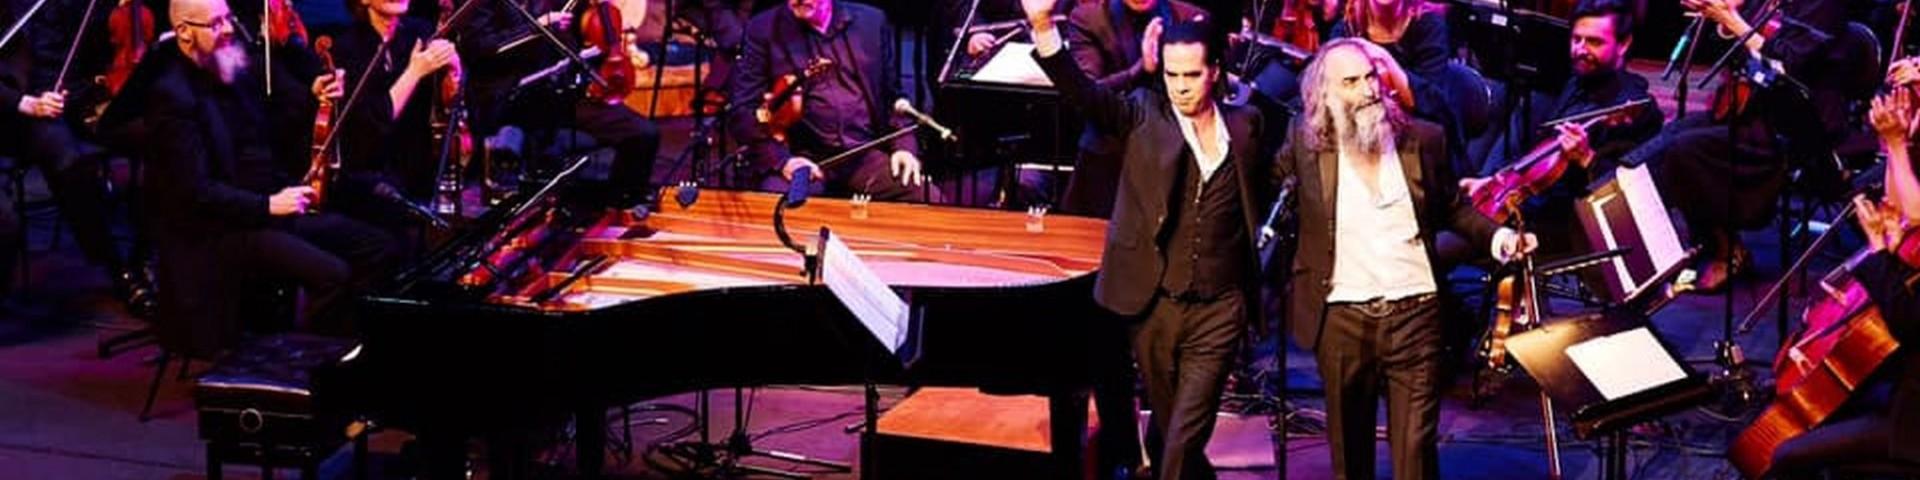 Biglietti Nick Cave a Roma e Milano: come acquistarli